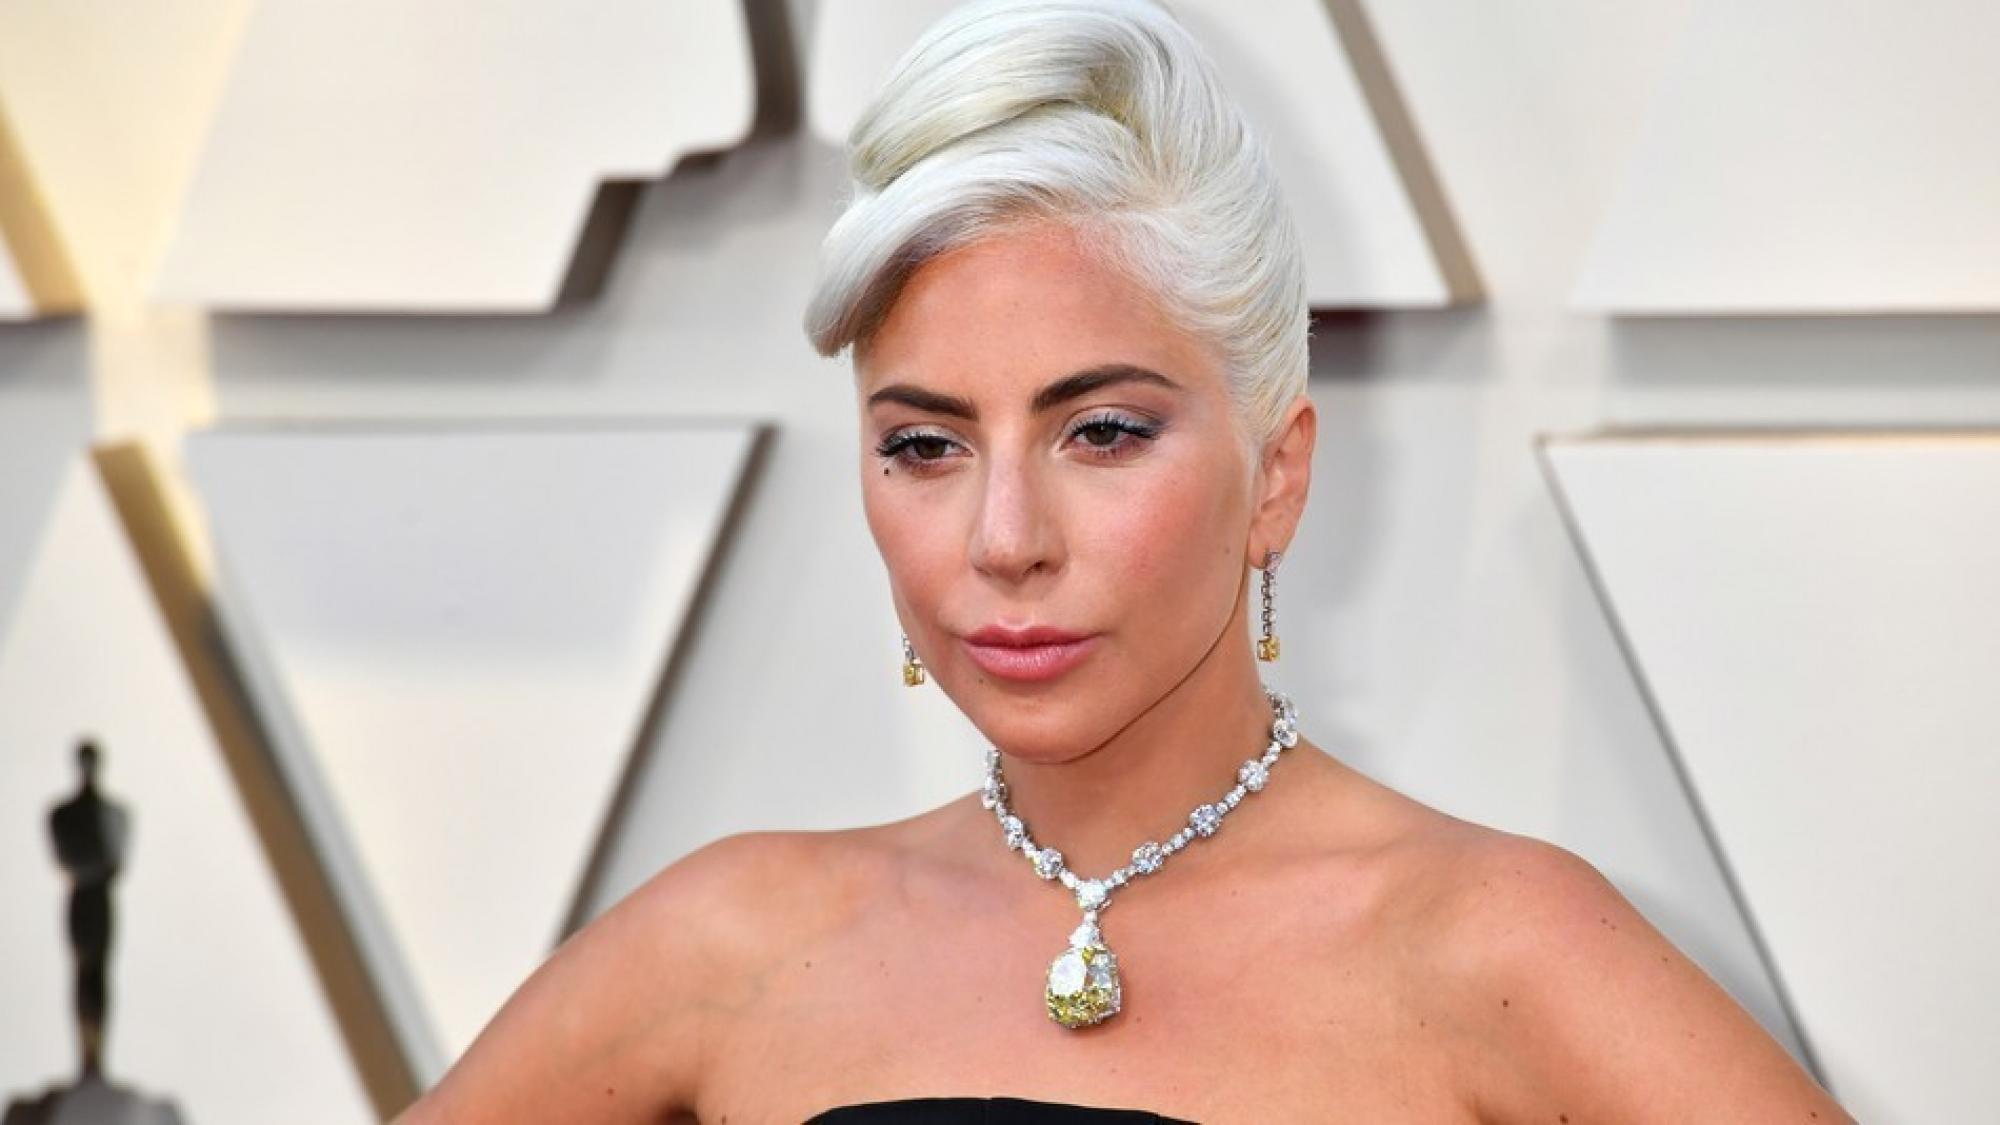 Mengejutkan, Lady Gaga Mengkonfirmasi Telah Putus Dari Tunangannya 3